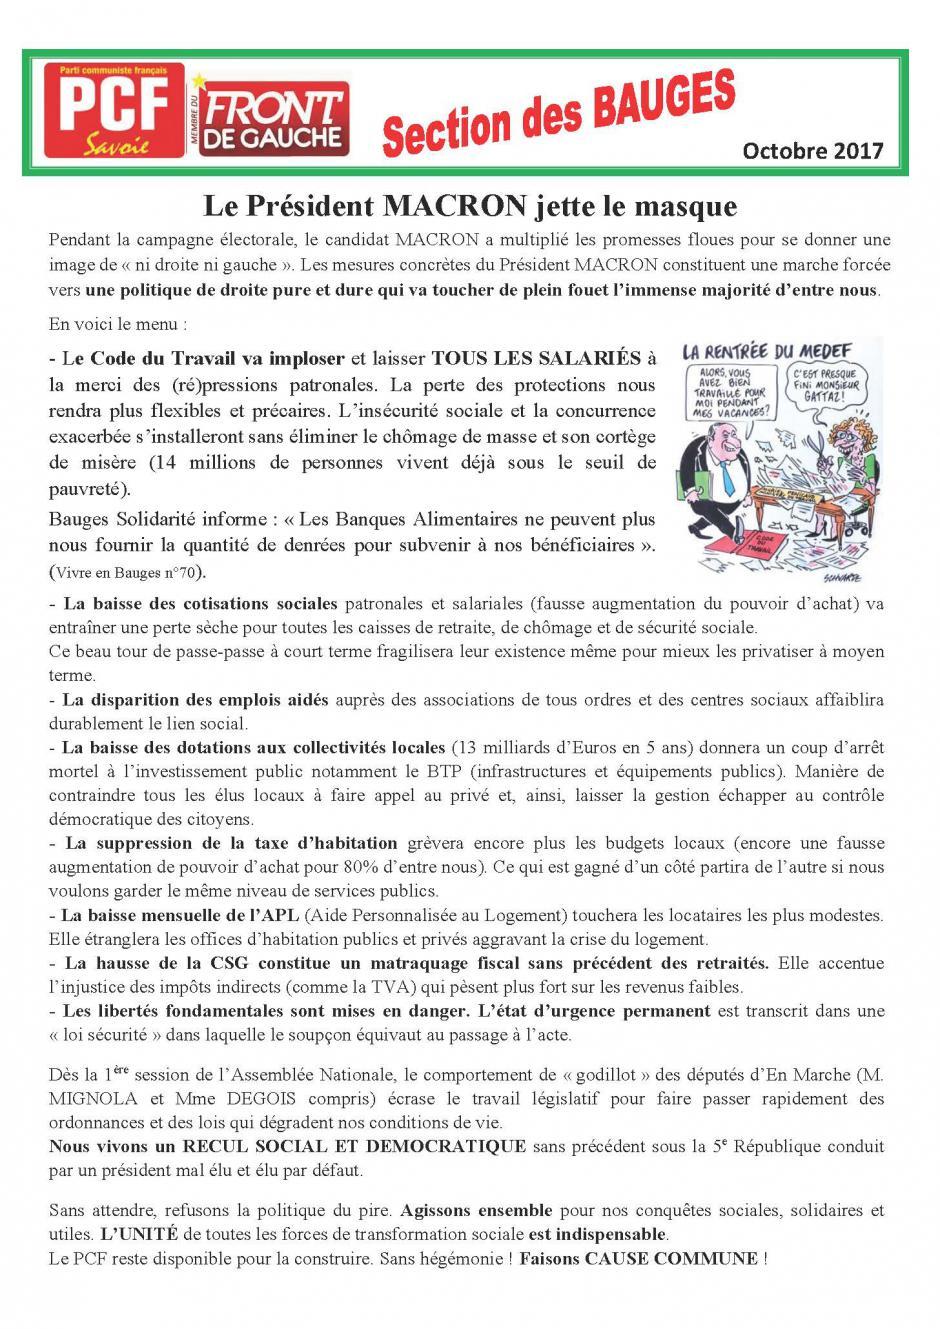 Bulletin des Bauges - Octobre 2017